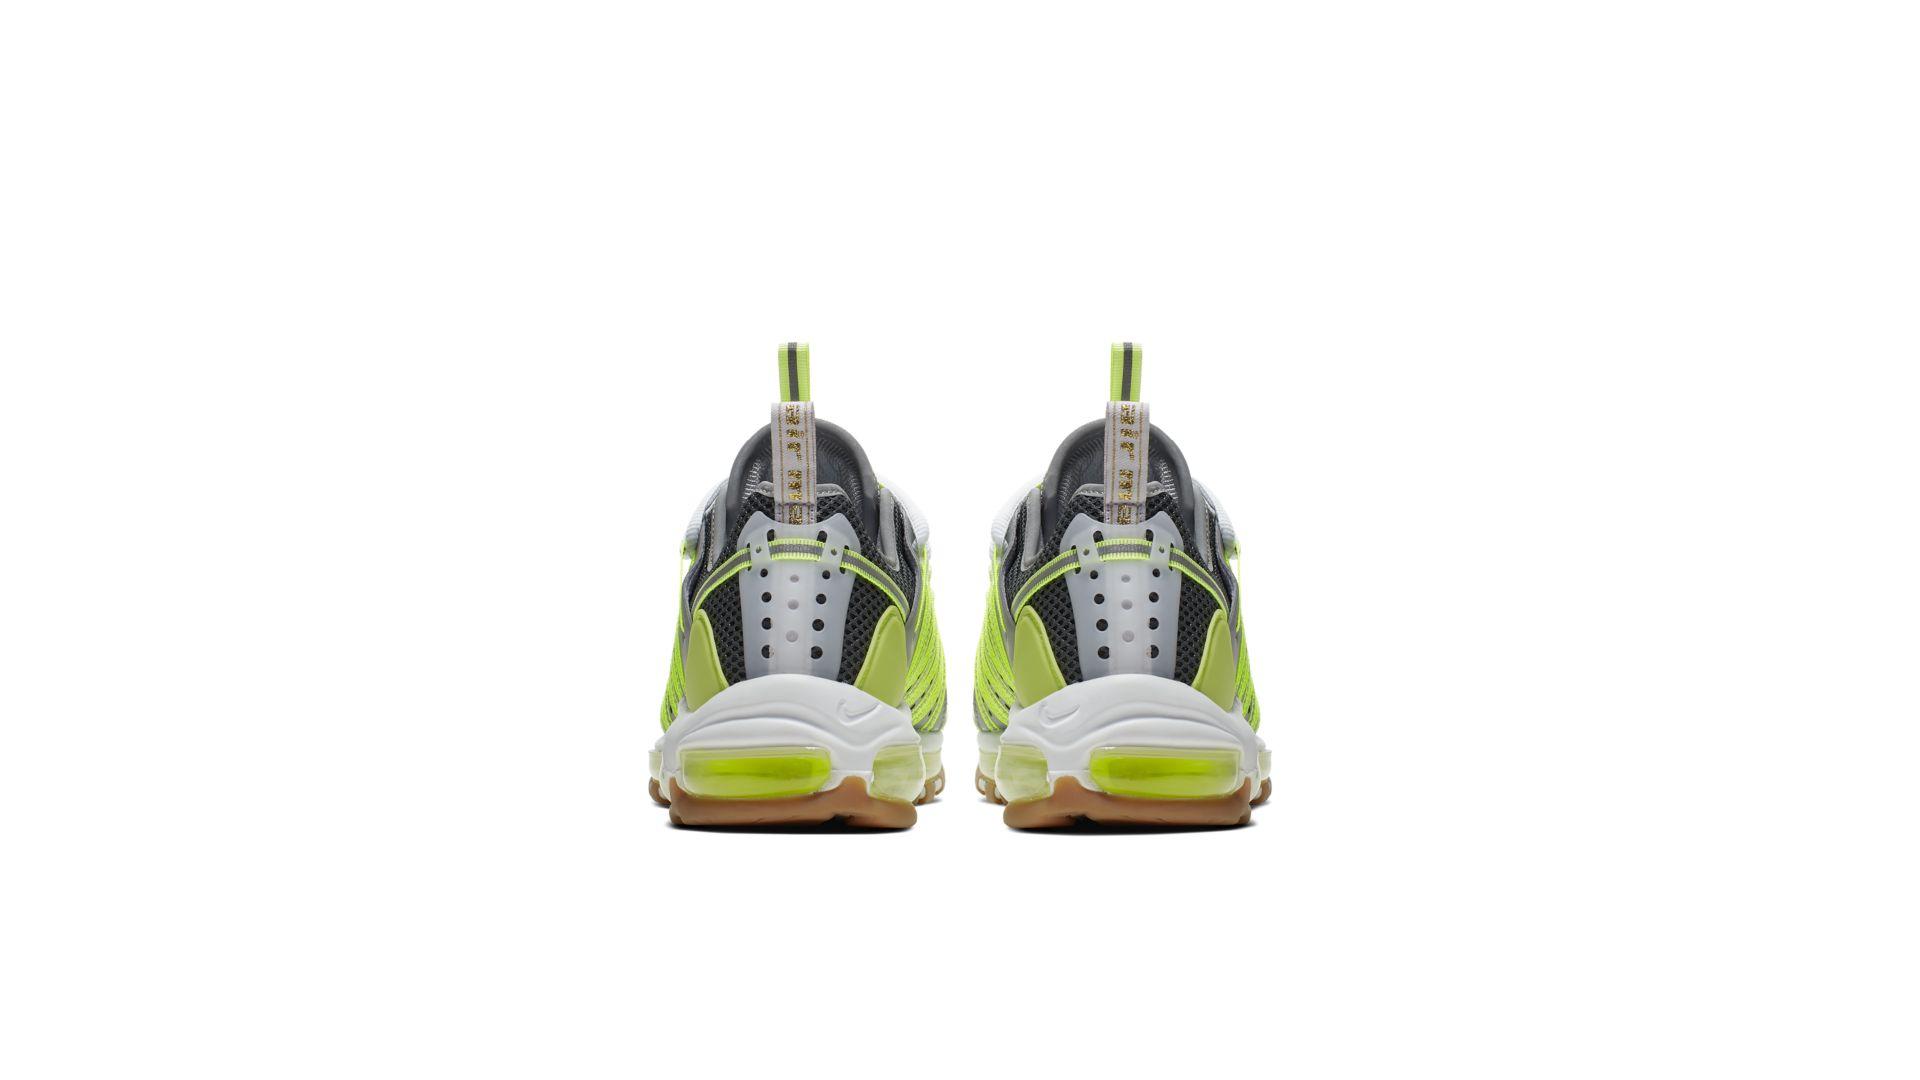 CLOT x Nike Air Max 97 Haven 'Volt' (AO2134-700)